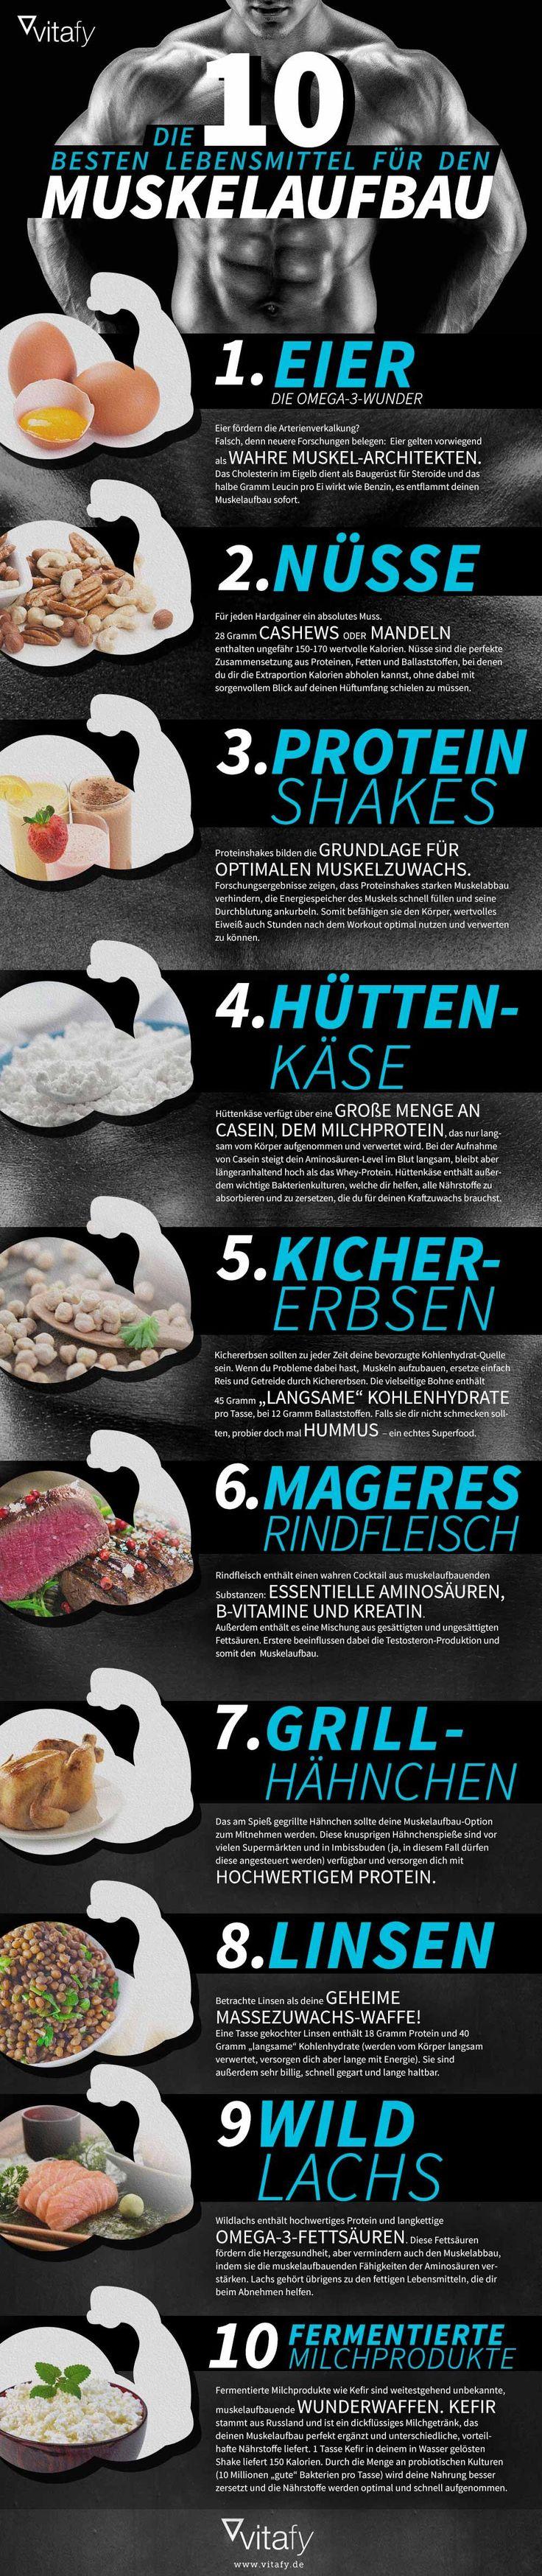 Nüsse, Eier, Wildlachs und Co.: Wenn du diese 10 Lebensmittel in deinen Ernährungsplan integrierst, wird dein Muskelaufbau unterstützt. Wir erklären, warum.